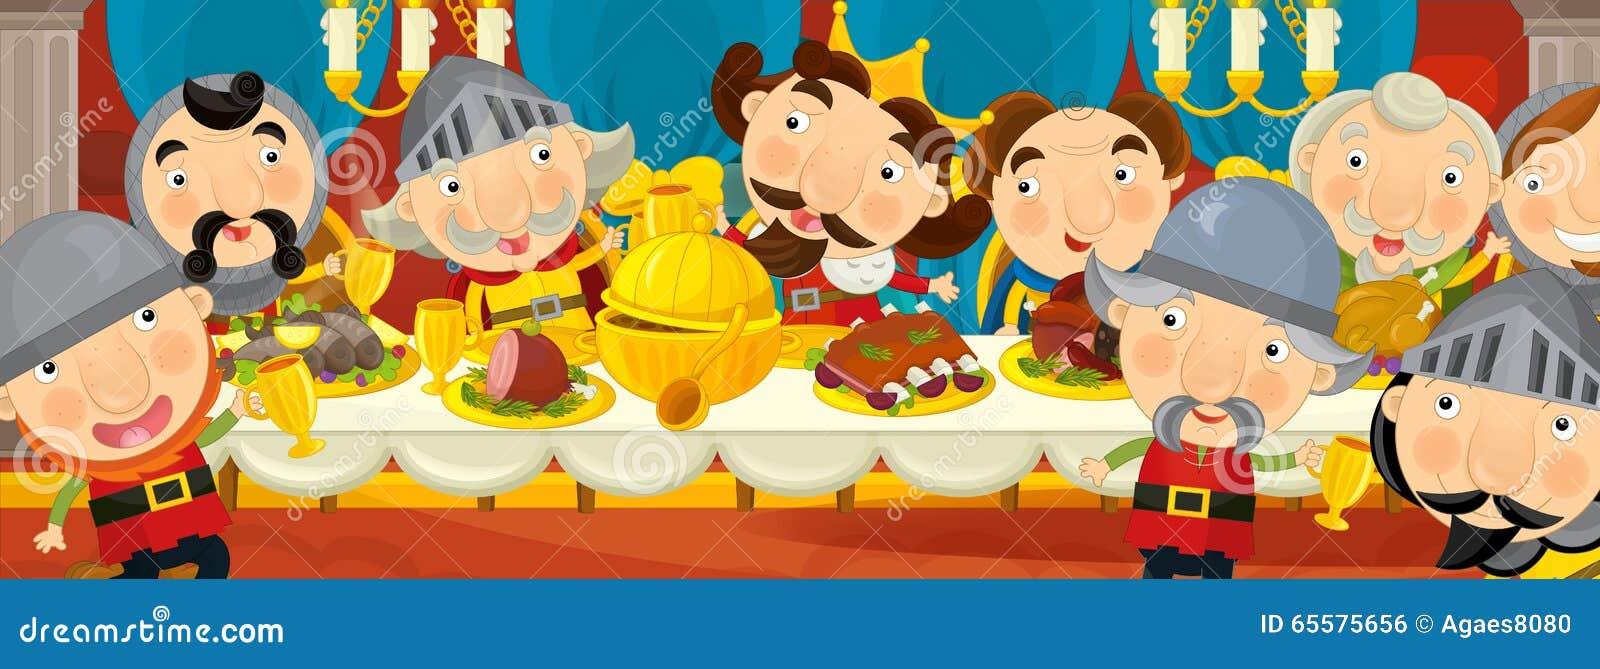 Cavaleiros medievais dos desenhos animados pela tabela - para contos de fadas diferentes